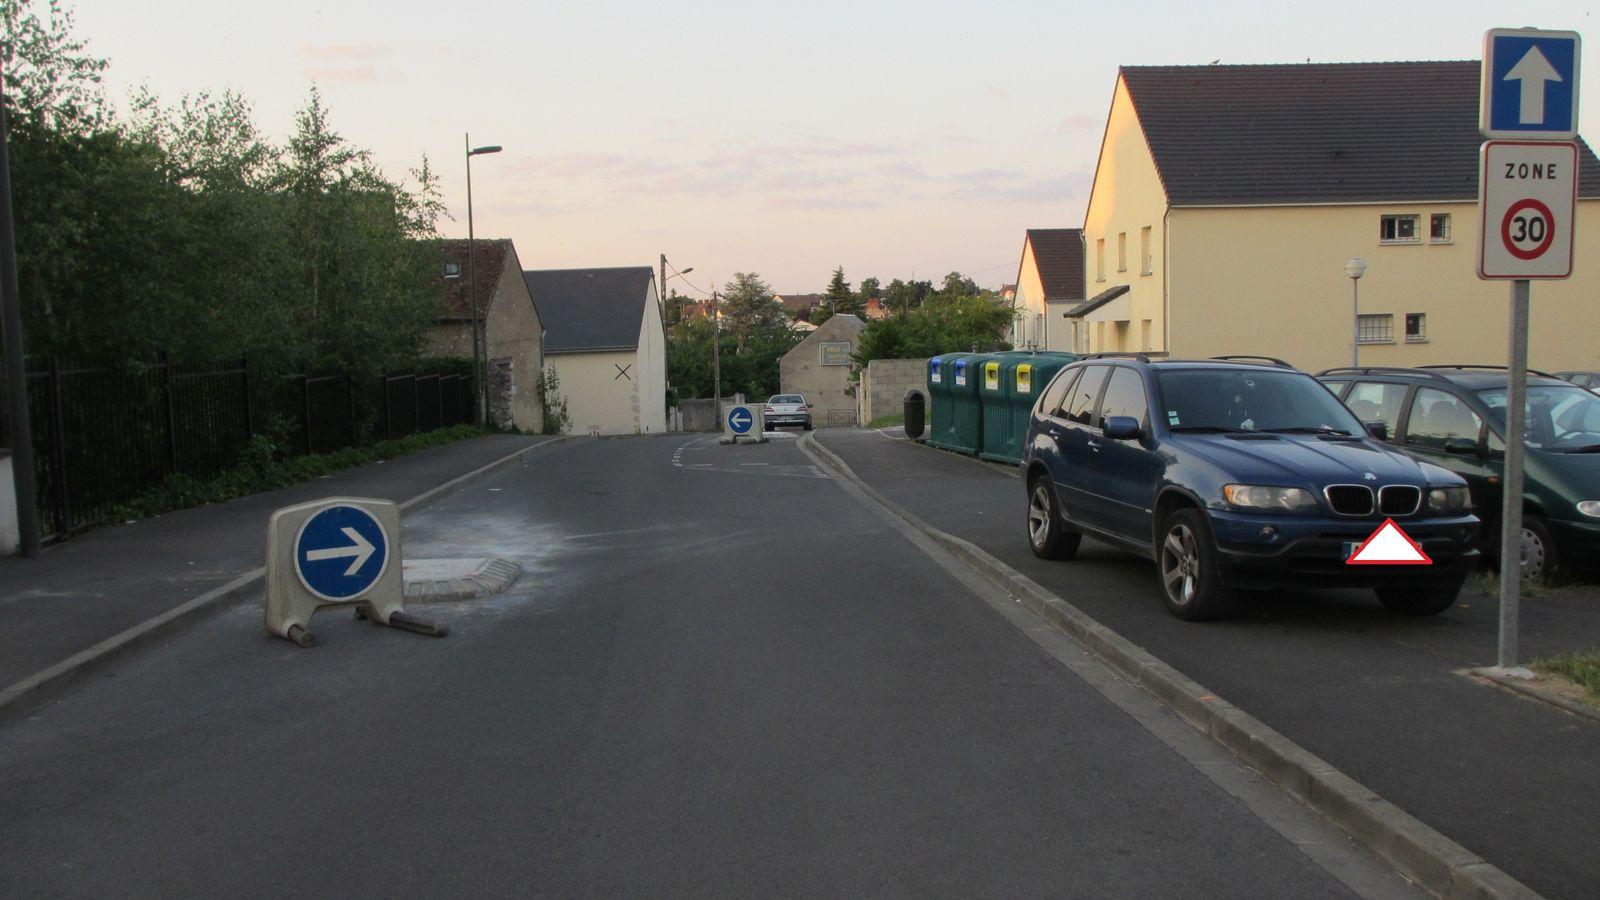 """Des rues en sens uniques ont été classés en """"zone 30"""". La réglementation n'a pas été respectée: depuis 2008 la règle est celle du  double sens cyclable, avec mise au norme des anciennes zones 30 avant juillet 2010,  ou prise éventuelle d'un arrêté motivé."""